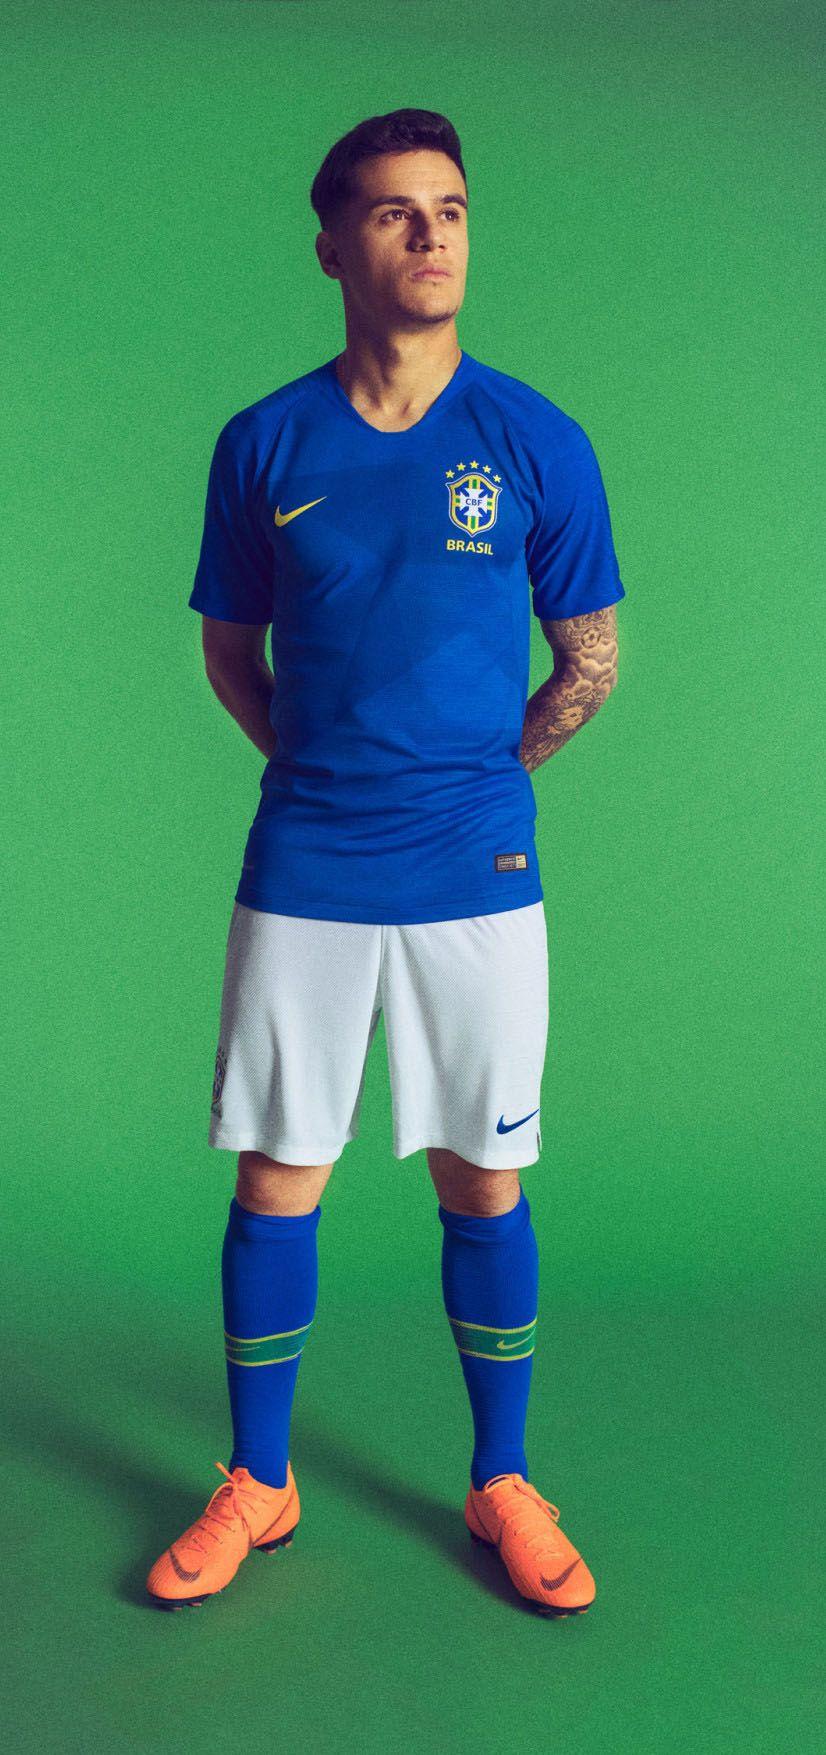 Nike lança uniformes e camisas da seleção brasileira para a Copa do ... d7fe2ddba4971